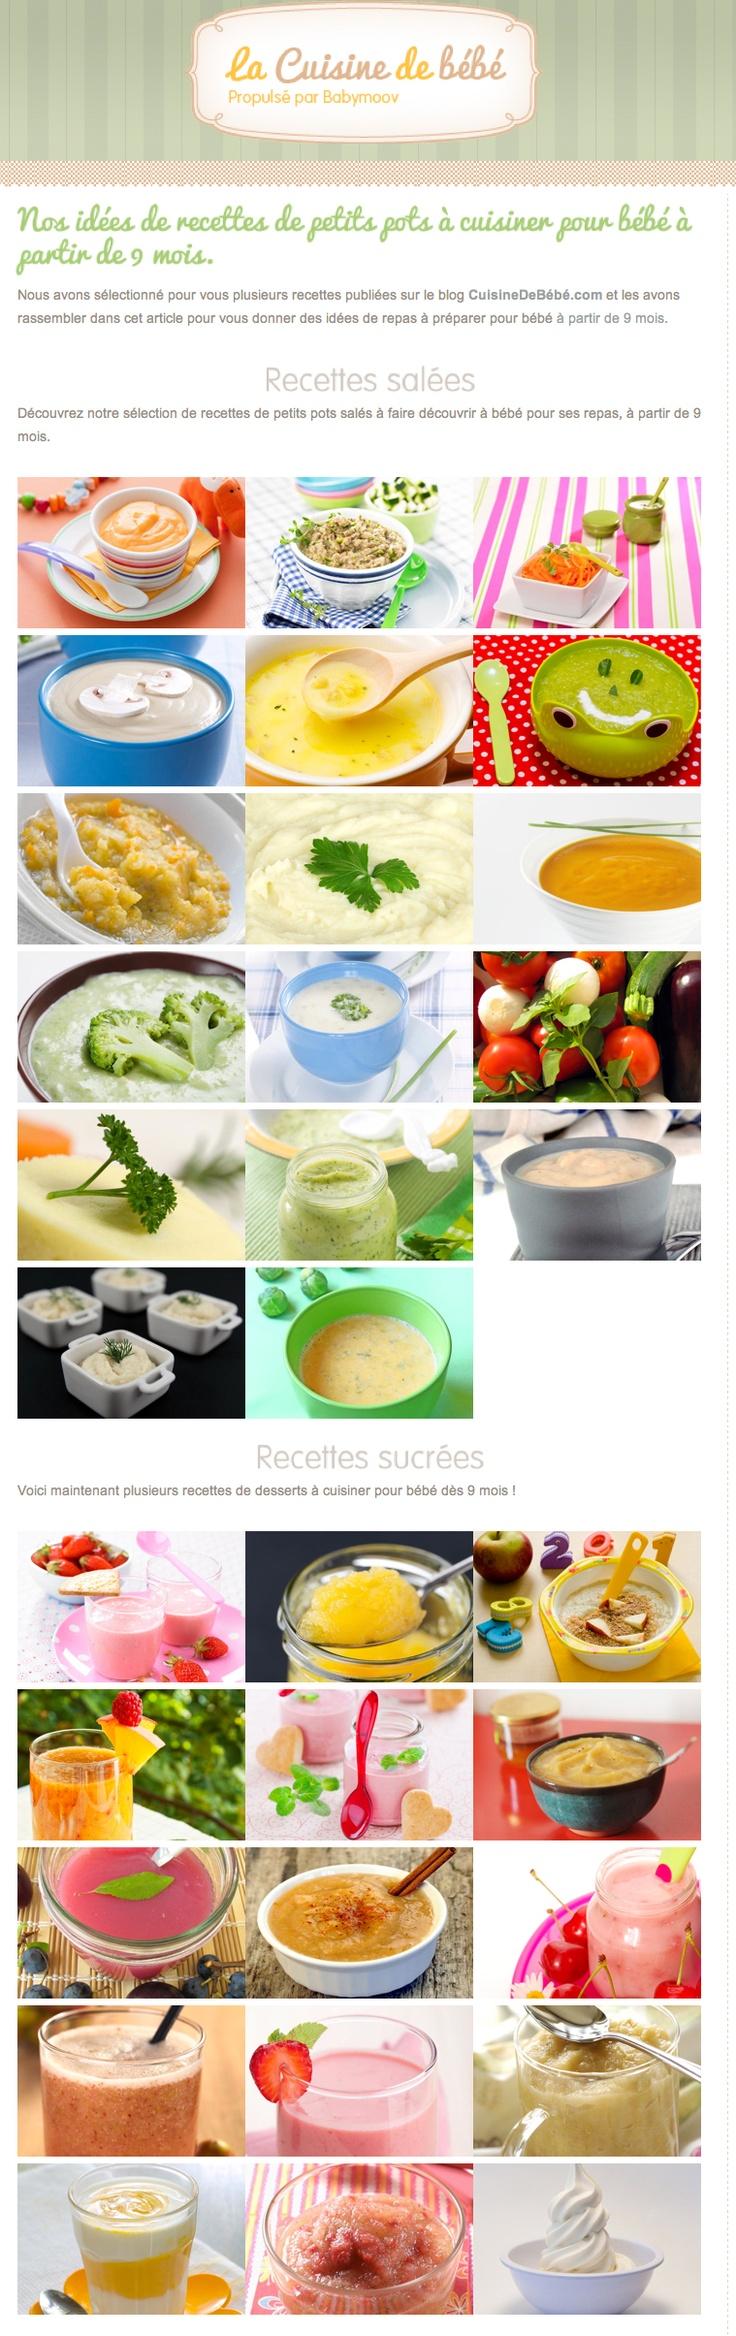 Recettes cuisine pour bébé 9 mois. Plus de recettes pour bébé sur www.enviedebienmanger.fr/idees-recettes/recettes-pour-bebe